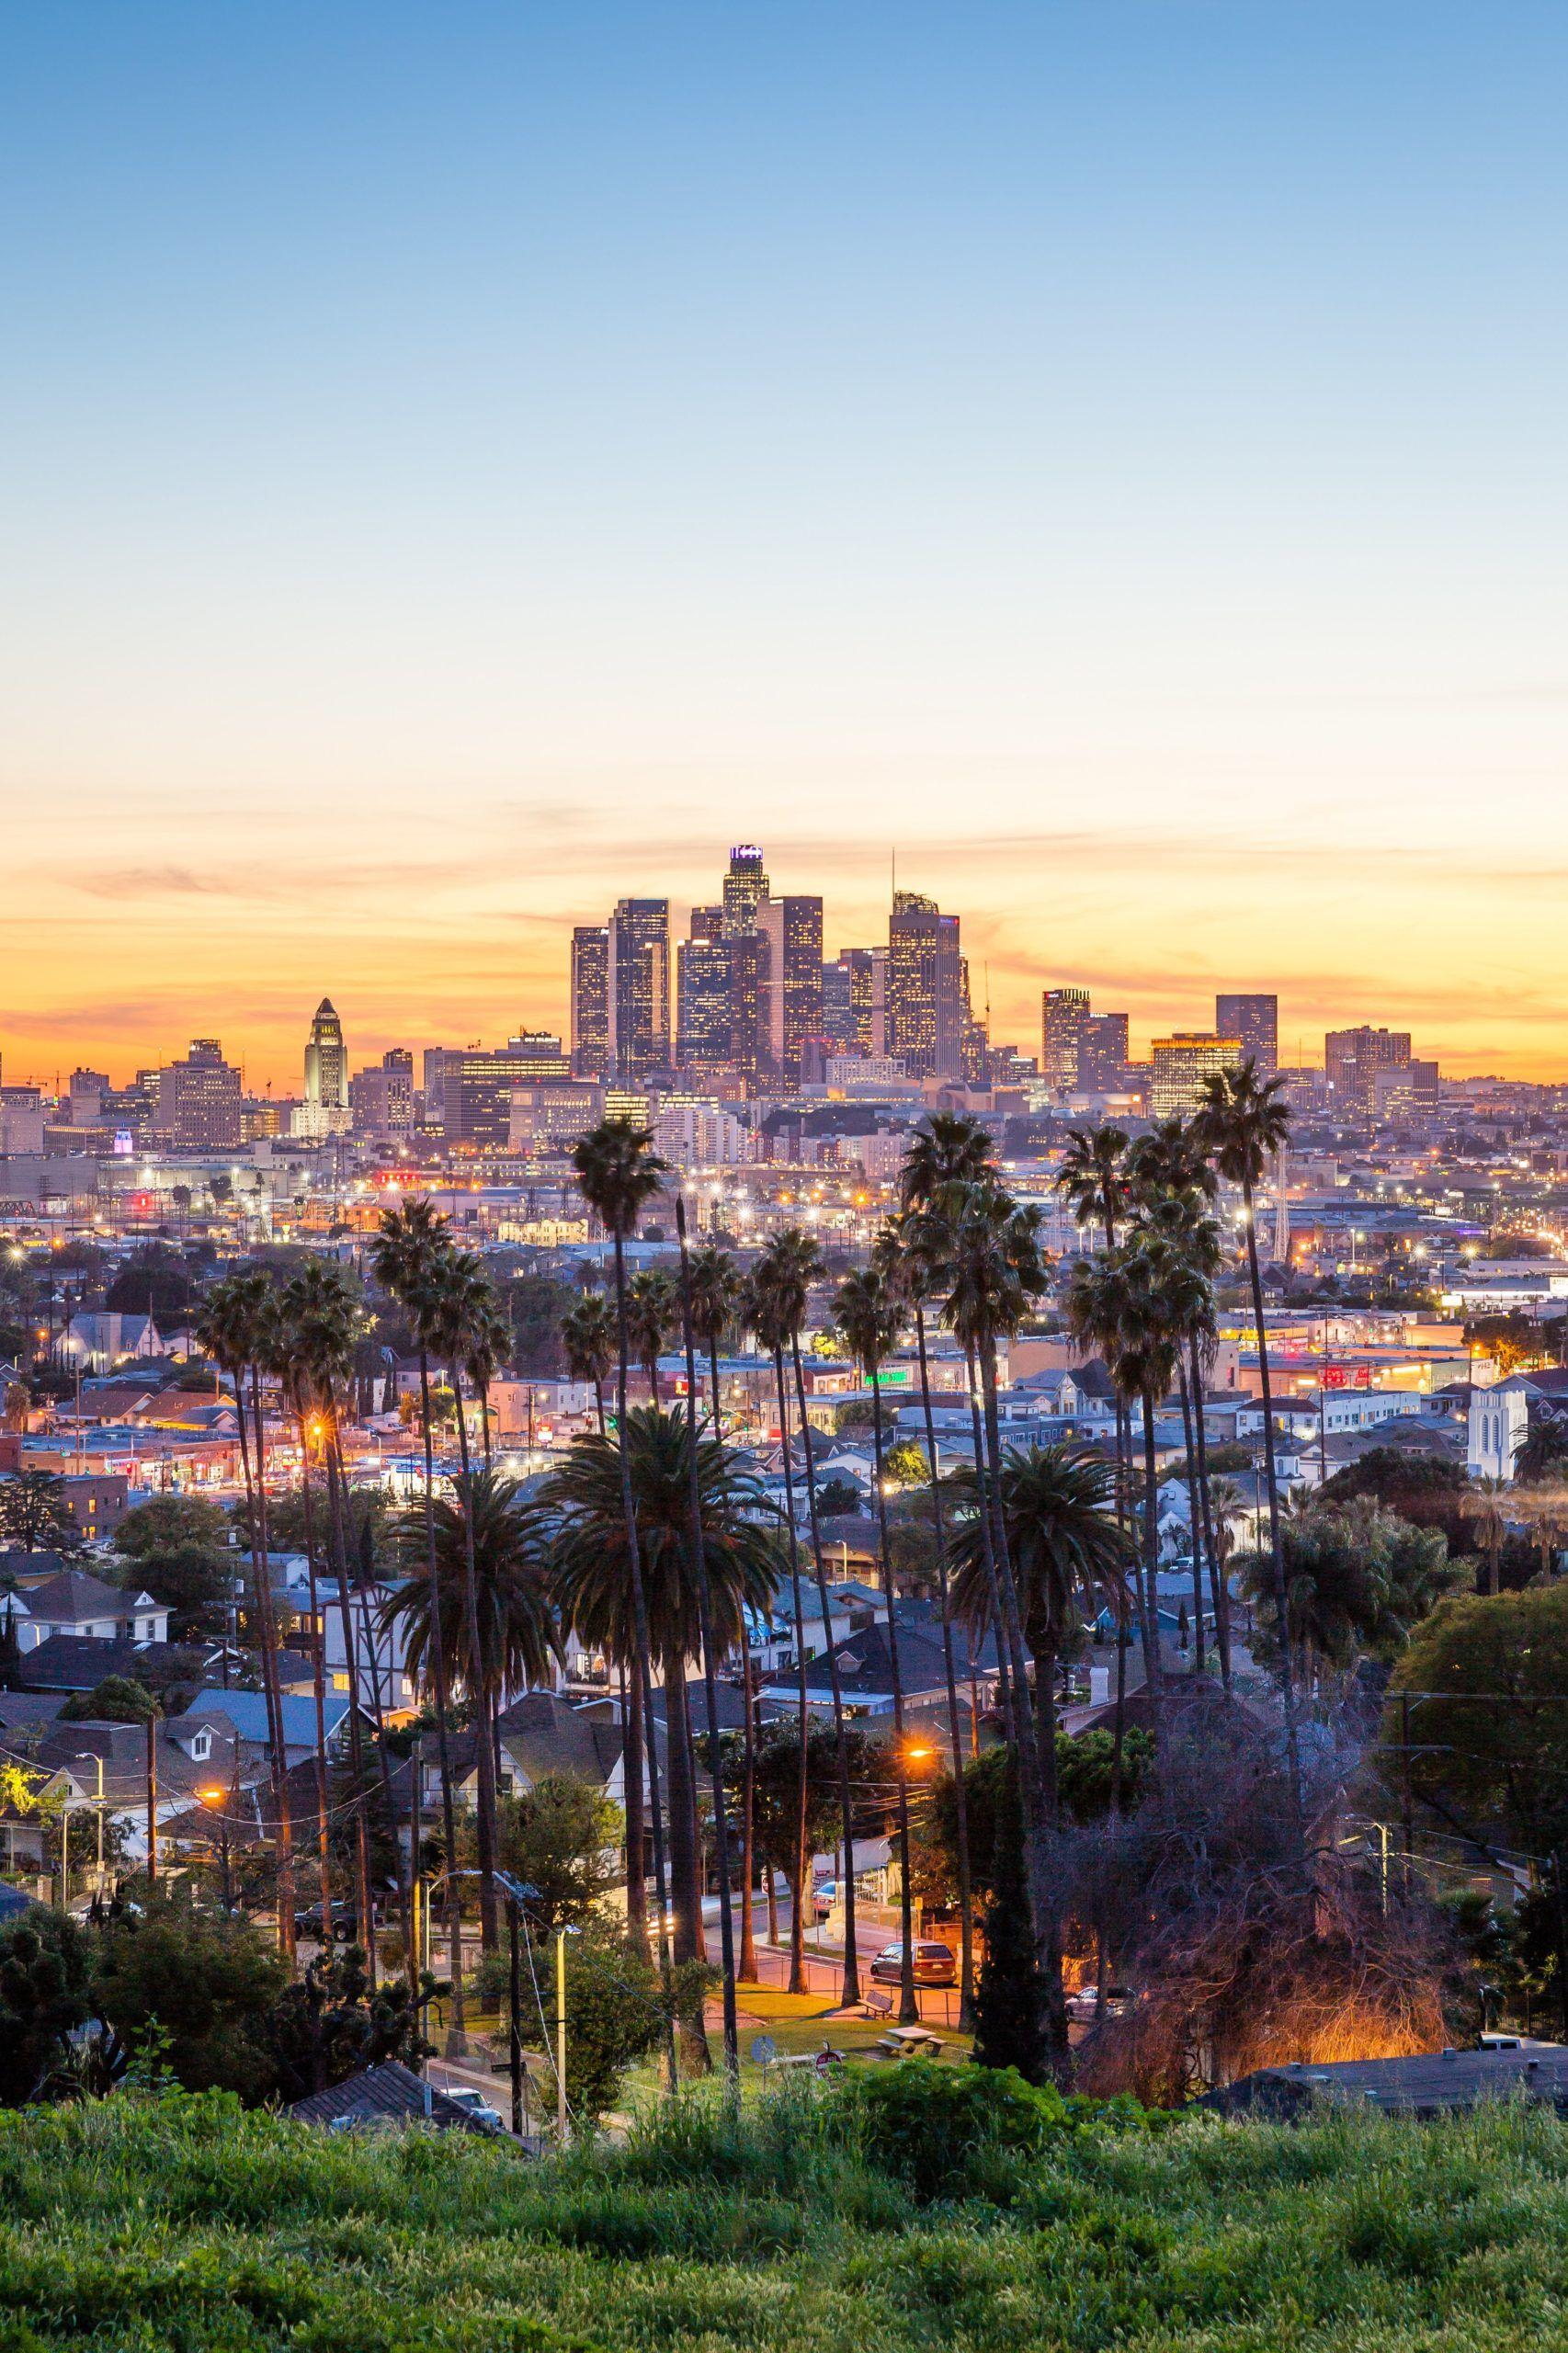 Los Angeles Ist Das Herz Der Film Und Fernsehindustrie Angeles Fernsehindustrie In 2020 Kalifornien Reise Usa Reise Los Angeles